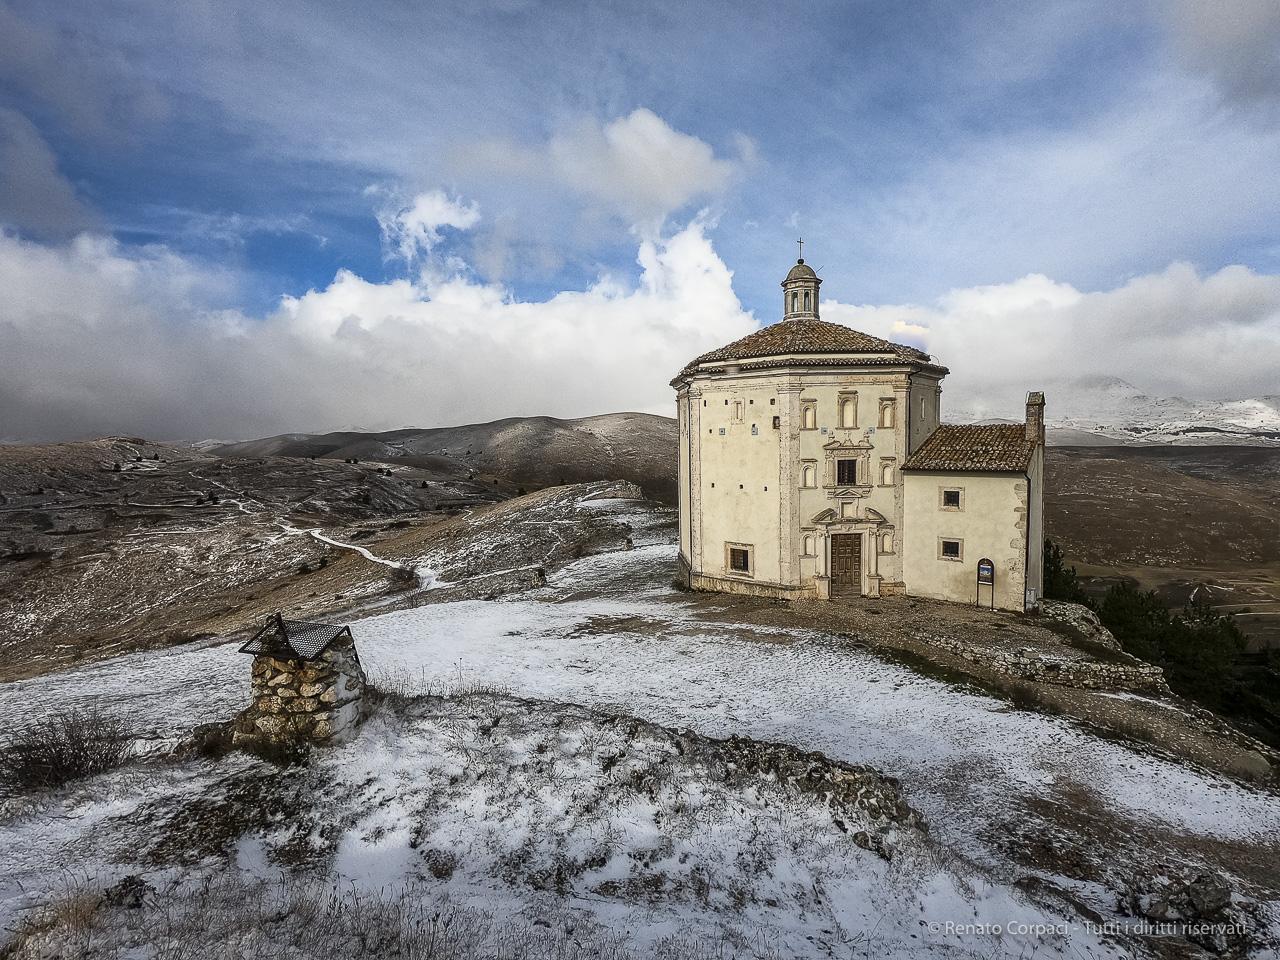 Santa Maria della Pietà a Rocca Calascio in Abruzzo